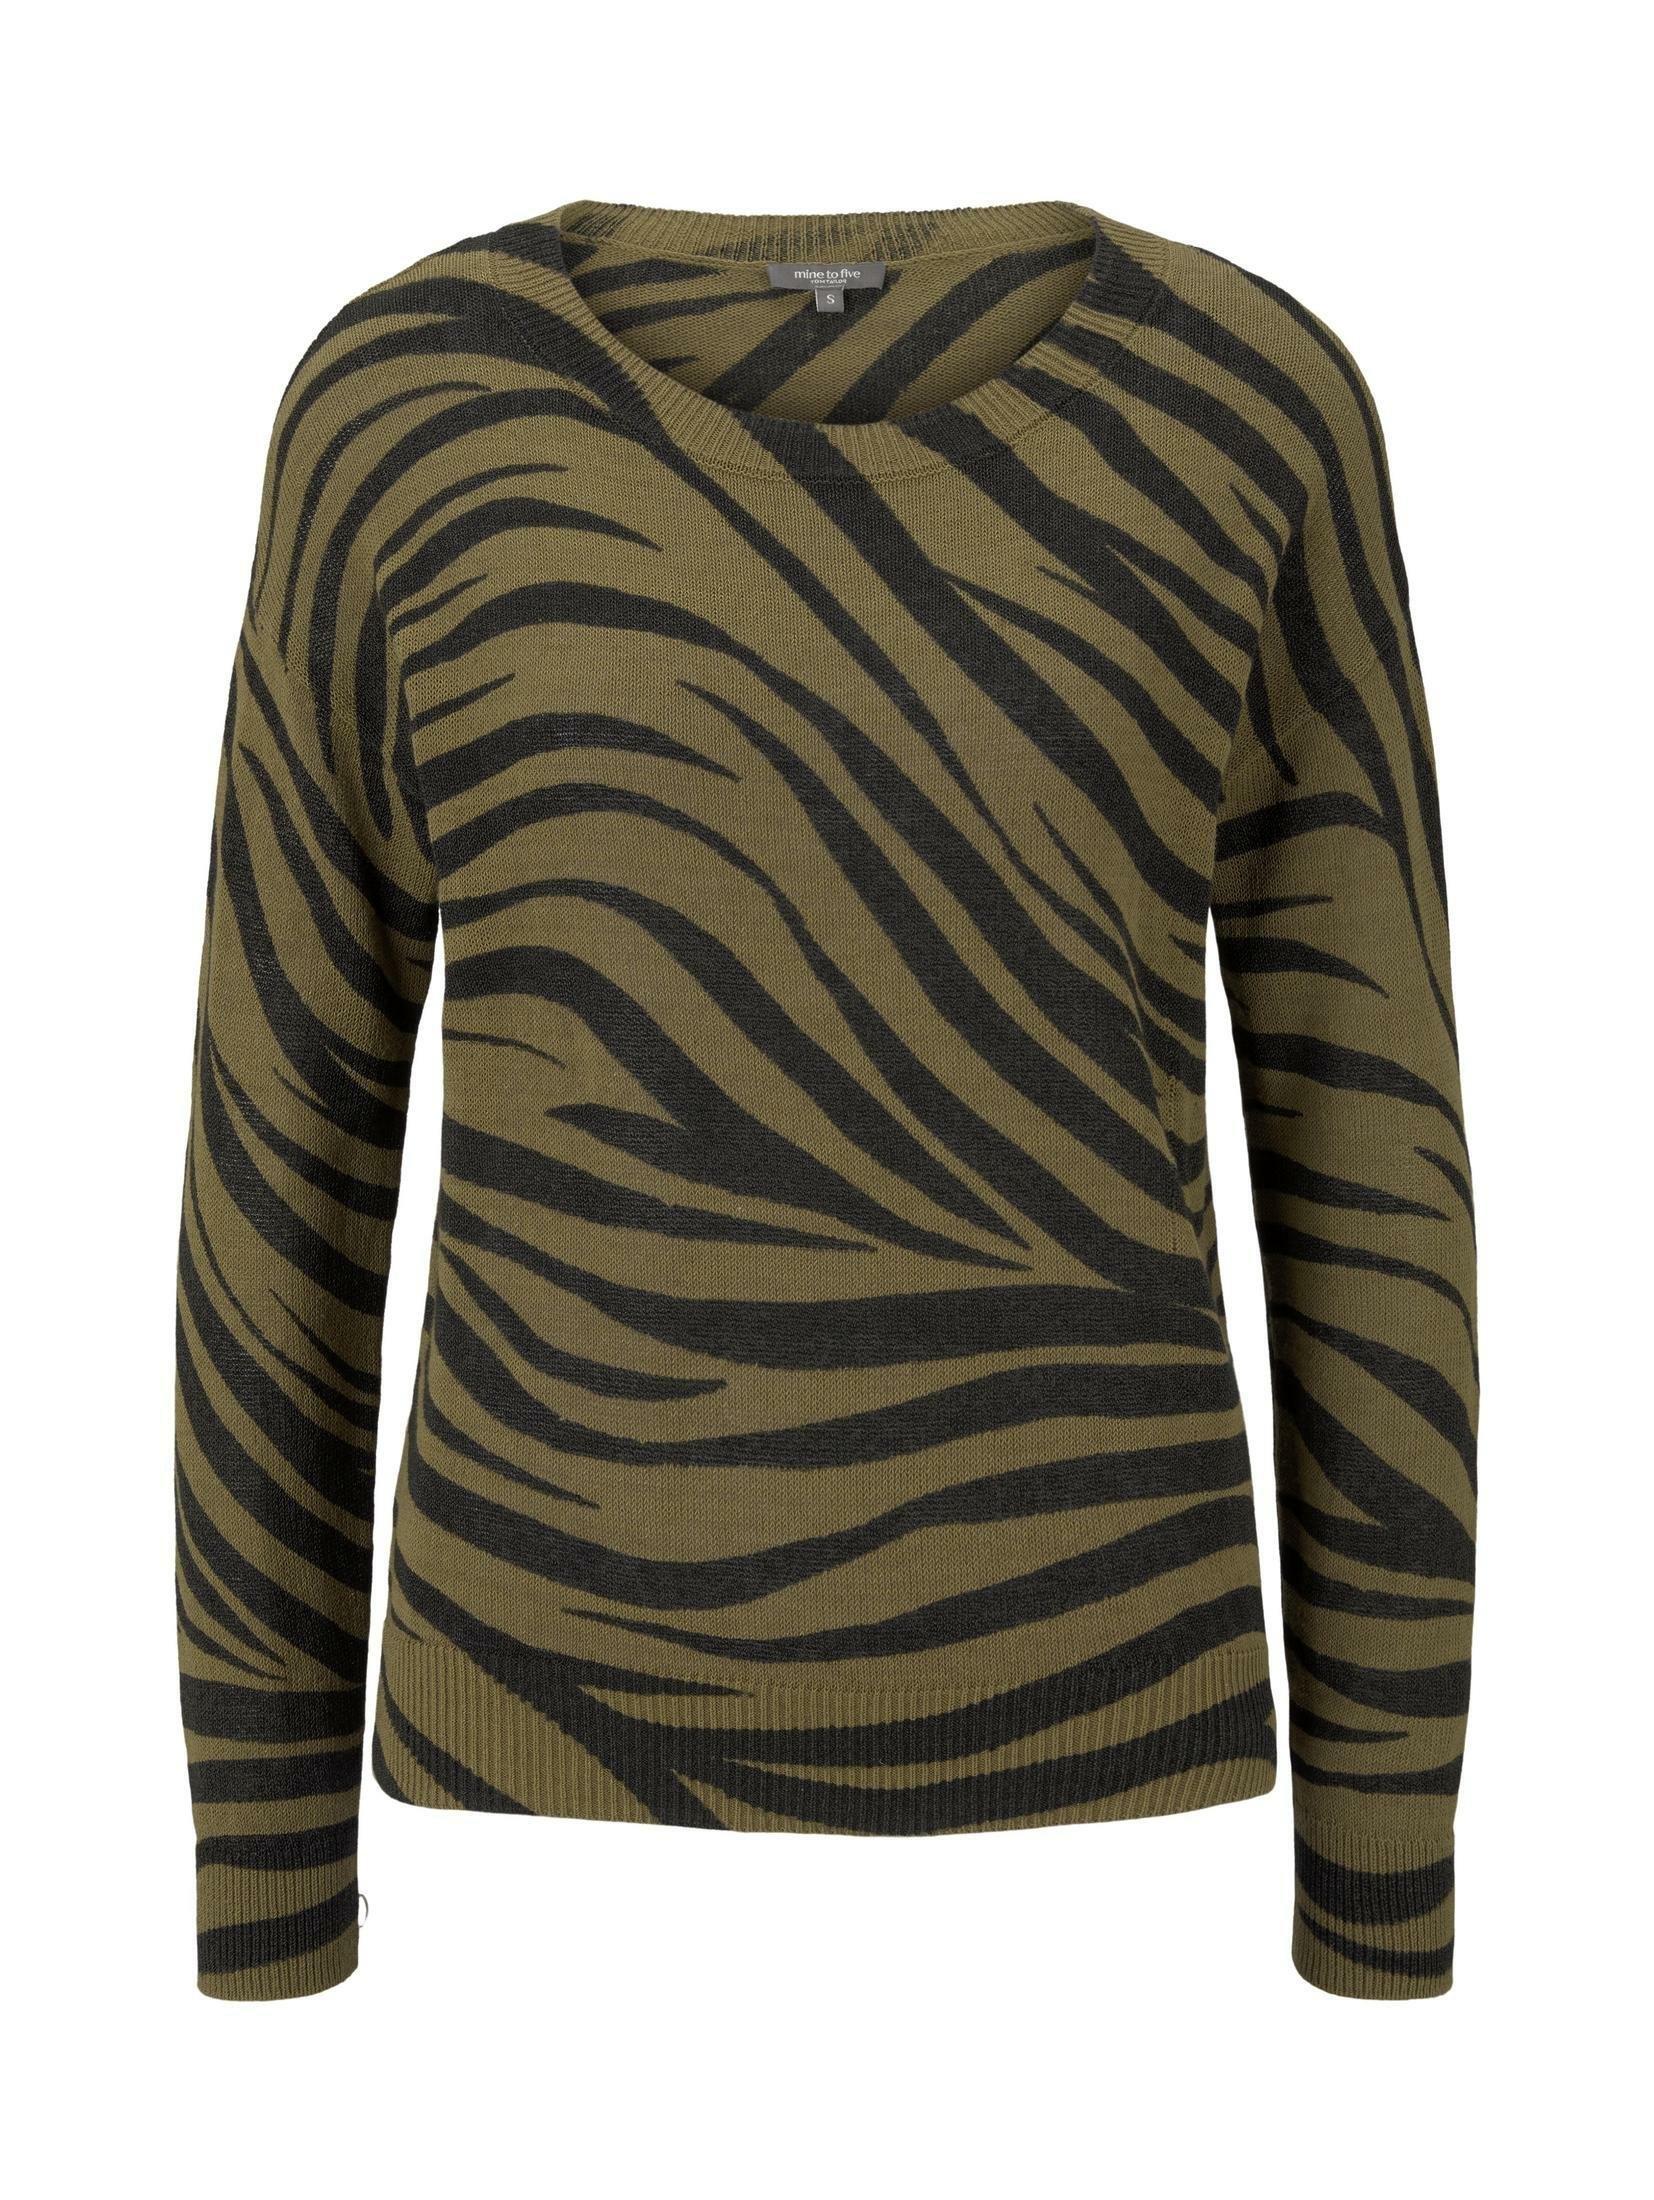 Tom Tailor Mine To Five gebreide trui »Pullover im Zebra-Muster« in de webshop van OTTO kopen